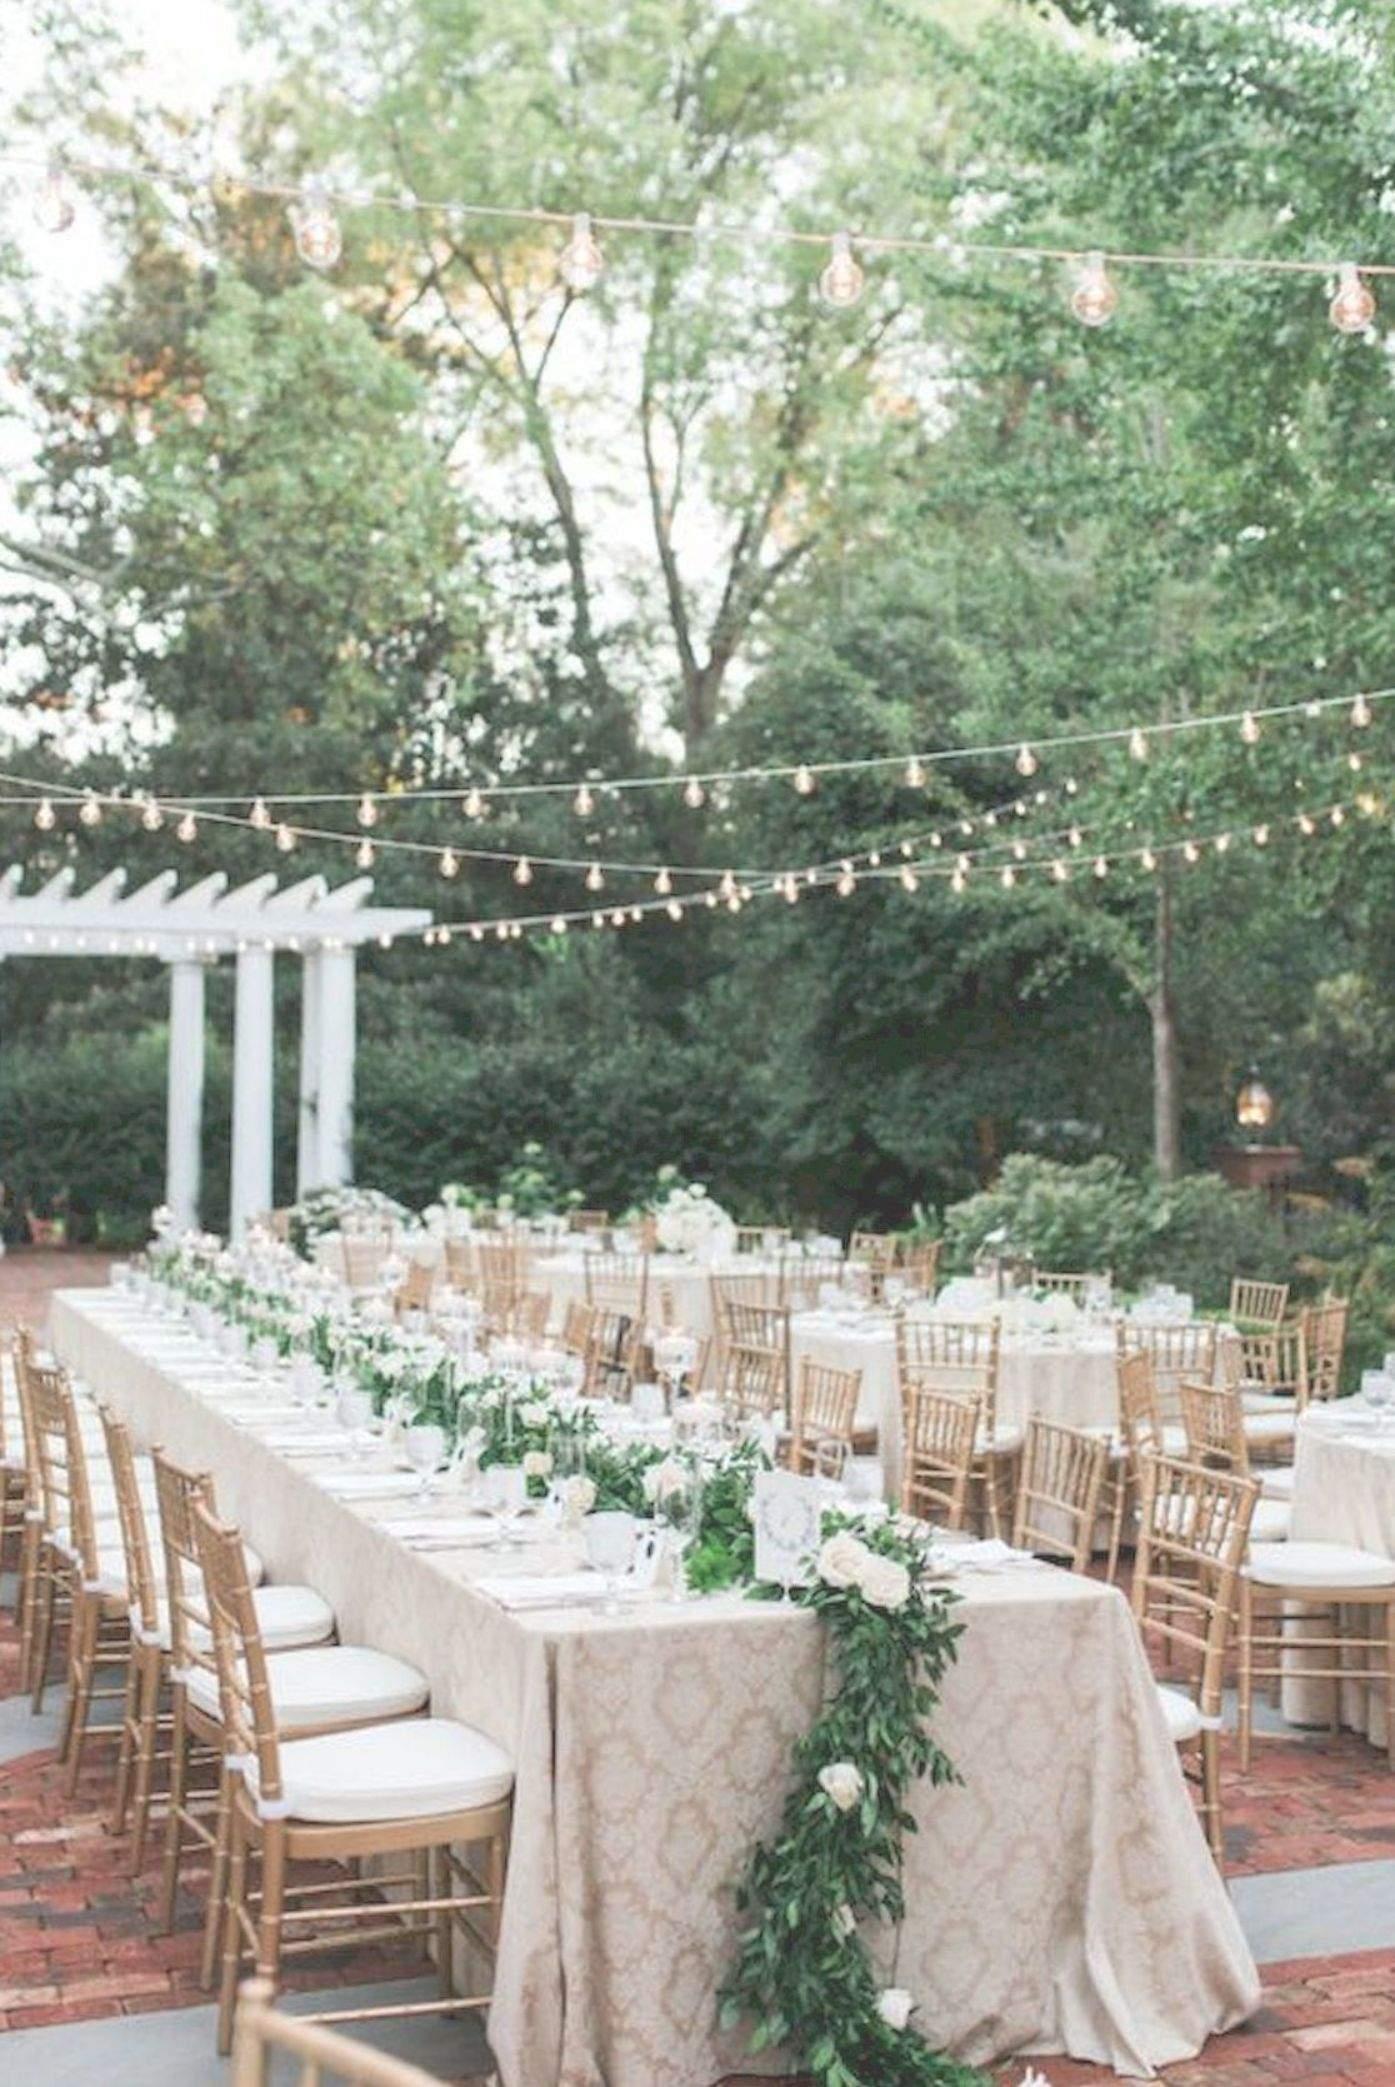 hochzeit im garten einzigartig pin von flo boyer auf southern wedding ideas of hochzeit im garten